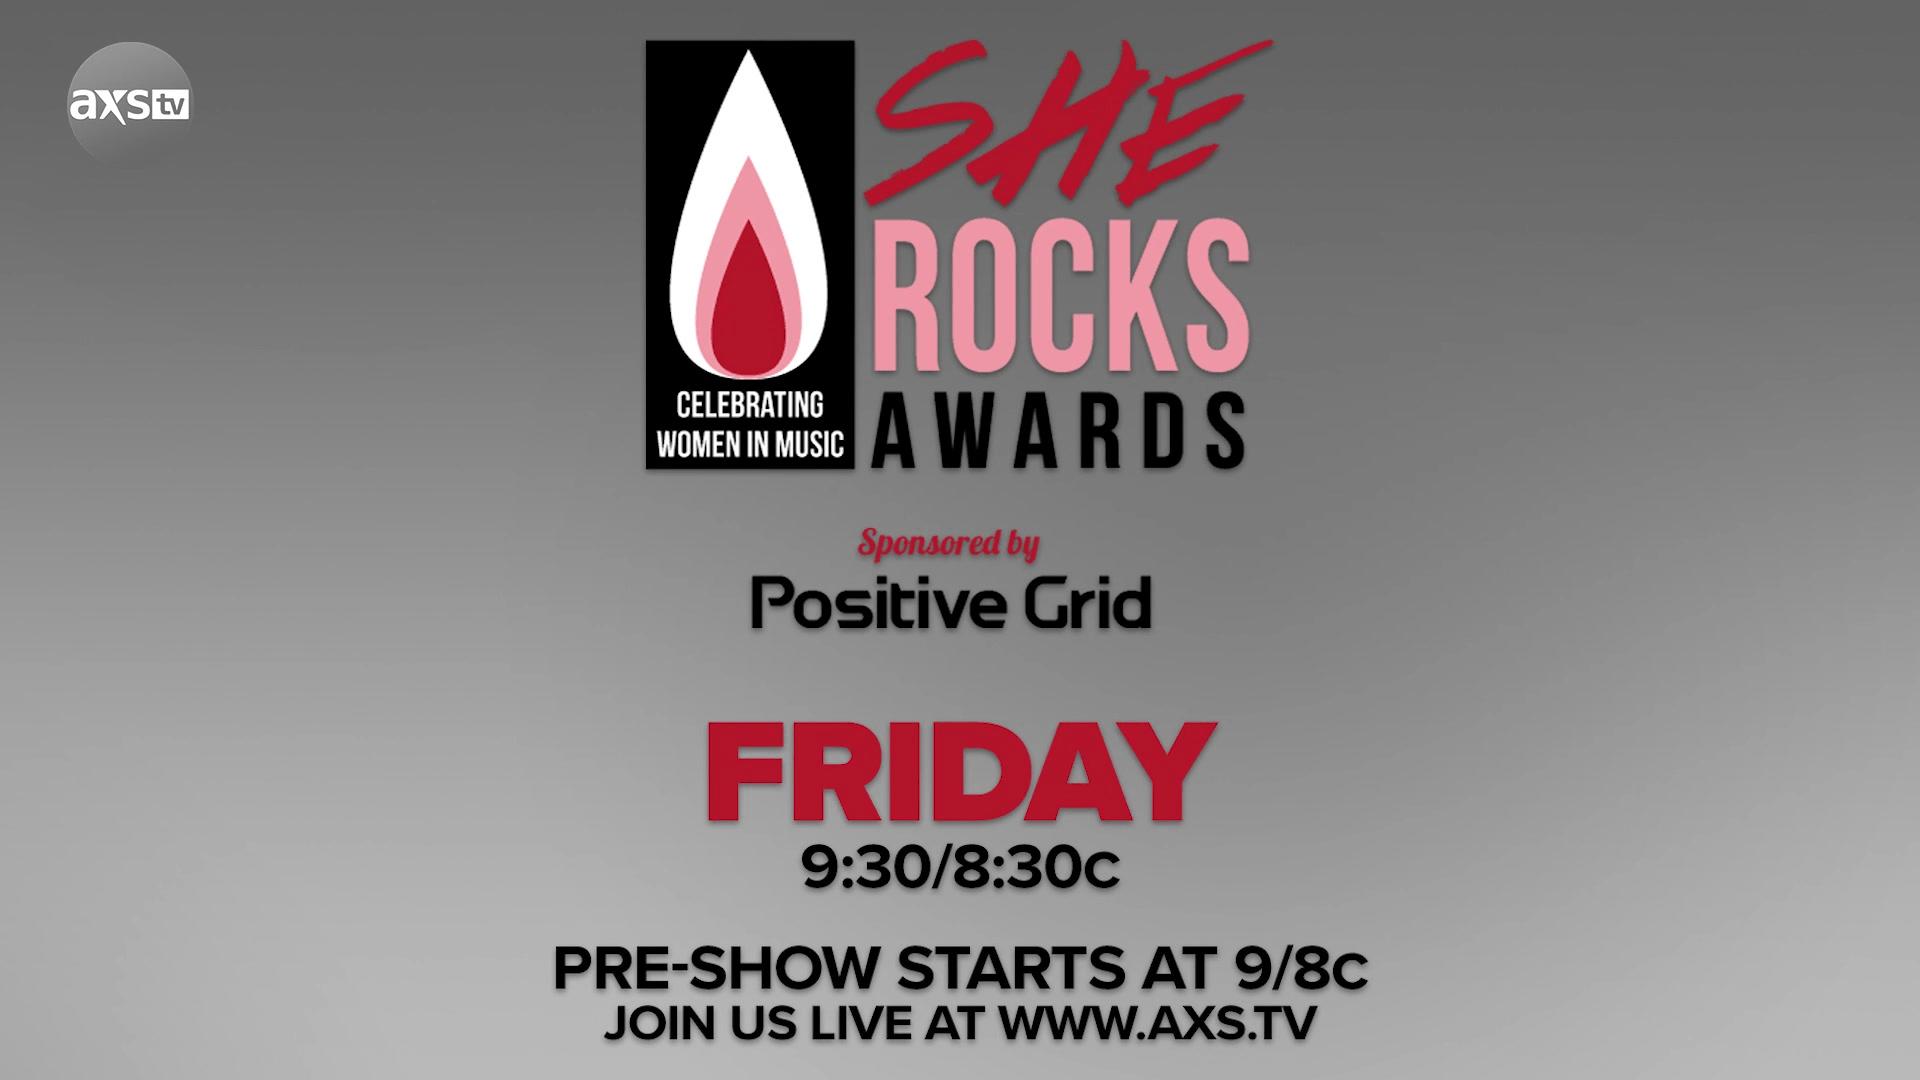 Lzzy Hale Hosts The She Rocks Awards